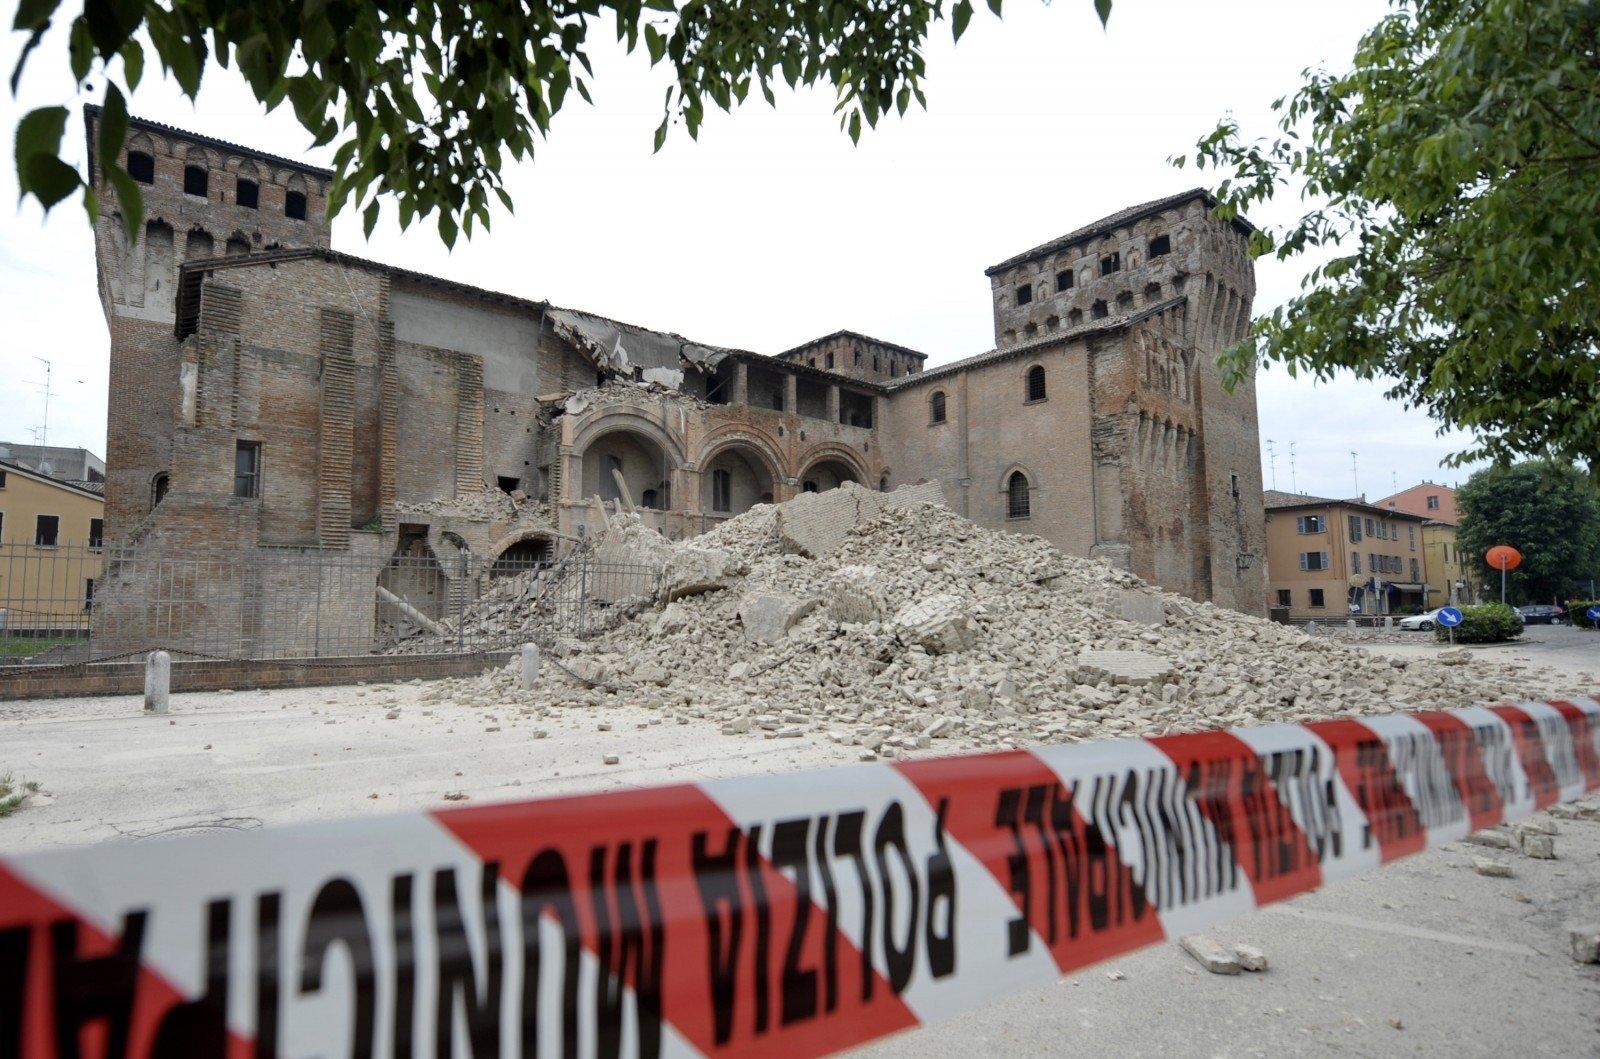 ВИталии извлечены тела еще 2-х погибших при землетрясении